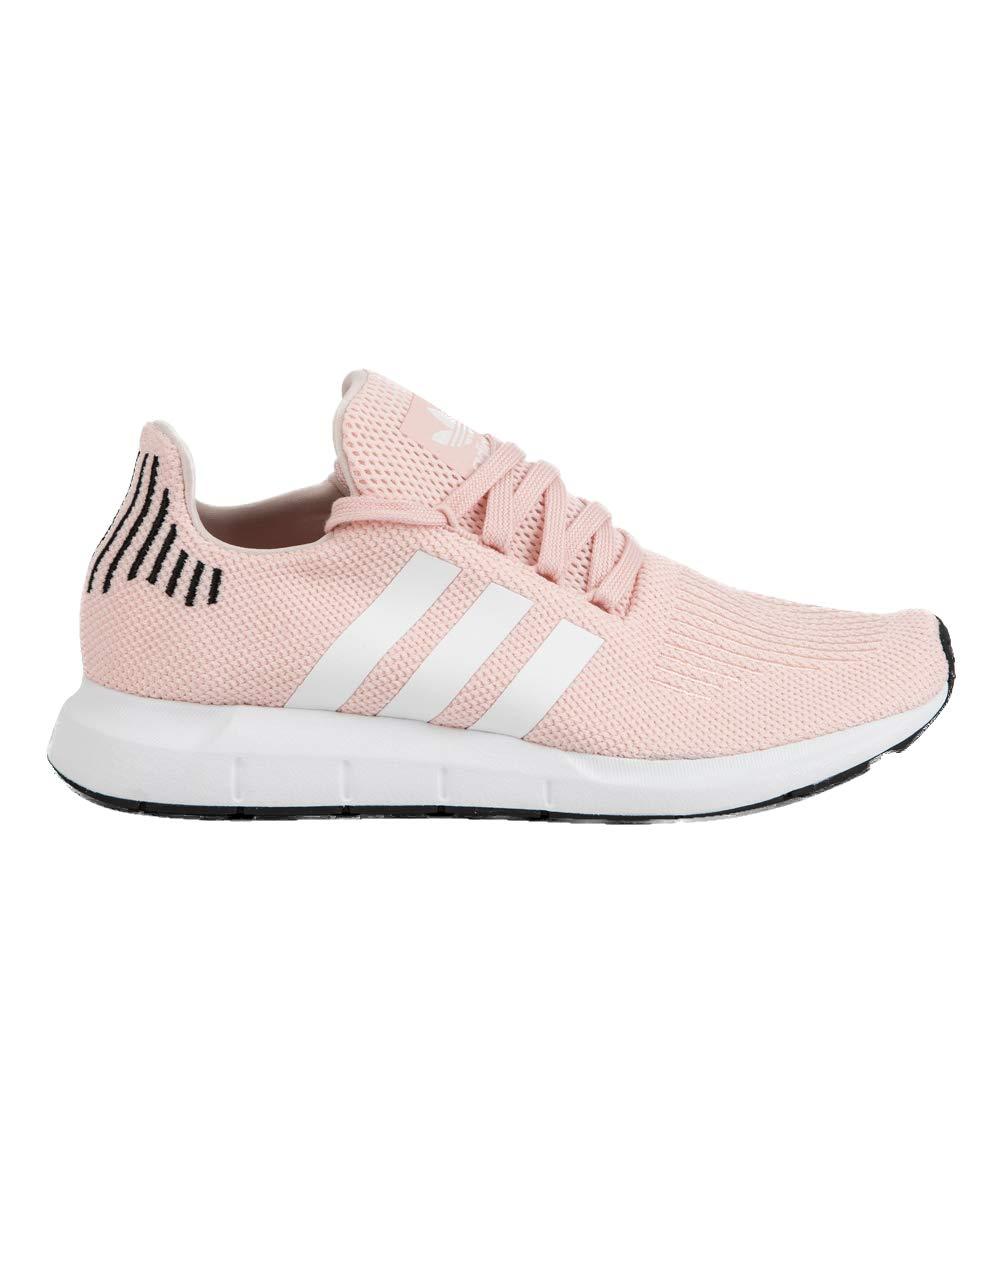 adidas Originals Women's Swift Running Shoe, ice Pink/White/Black, 9 M US